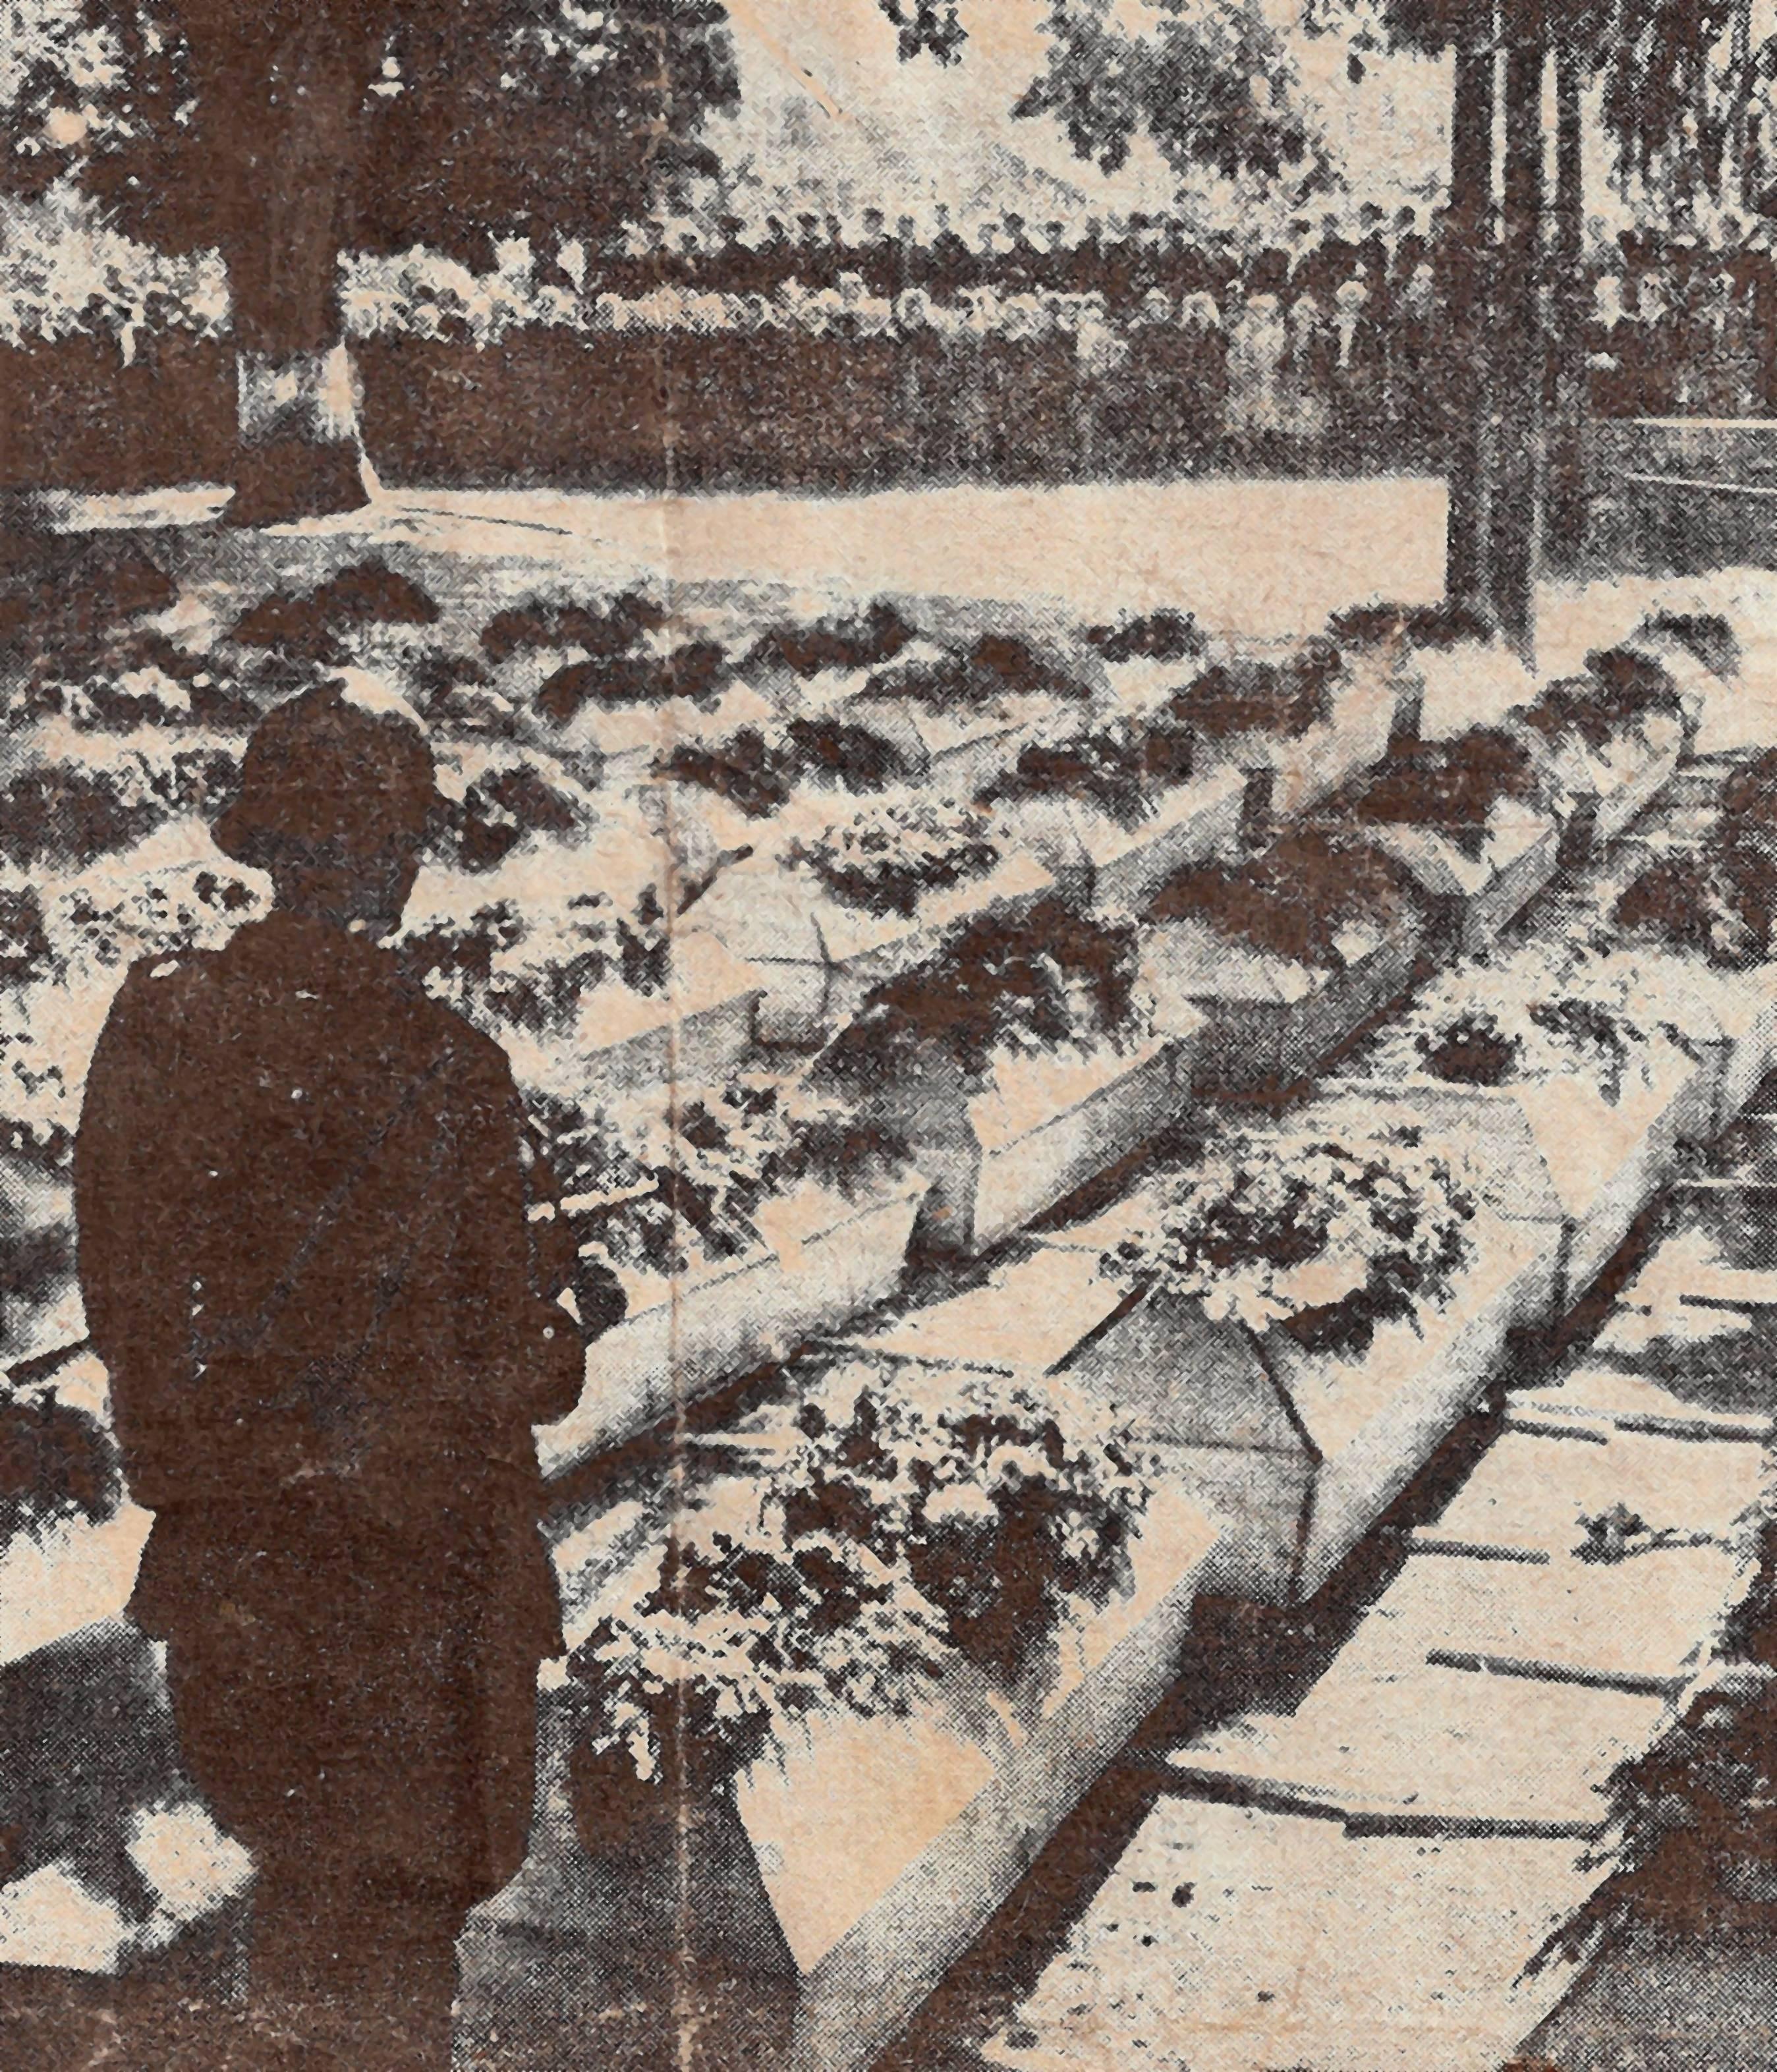 Umbettung der 210 Toten im Oktober 1945